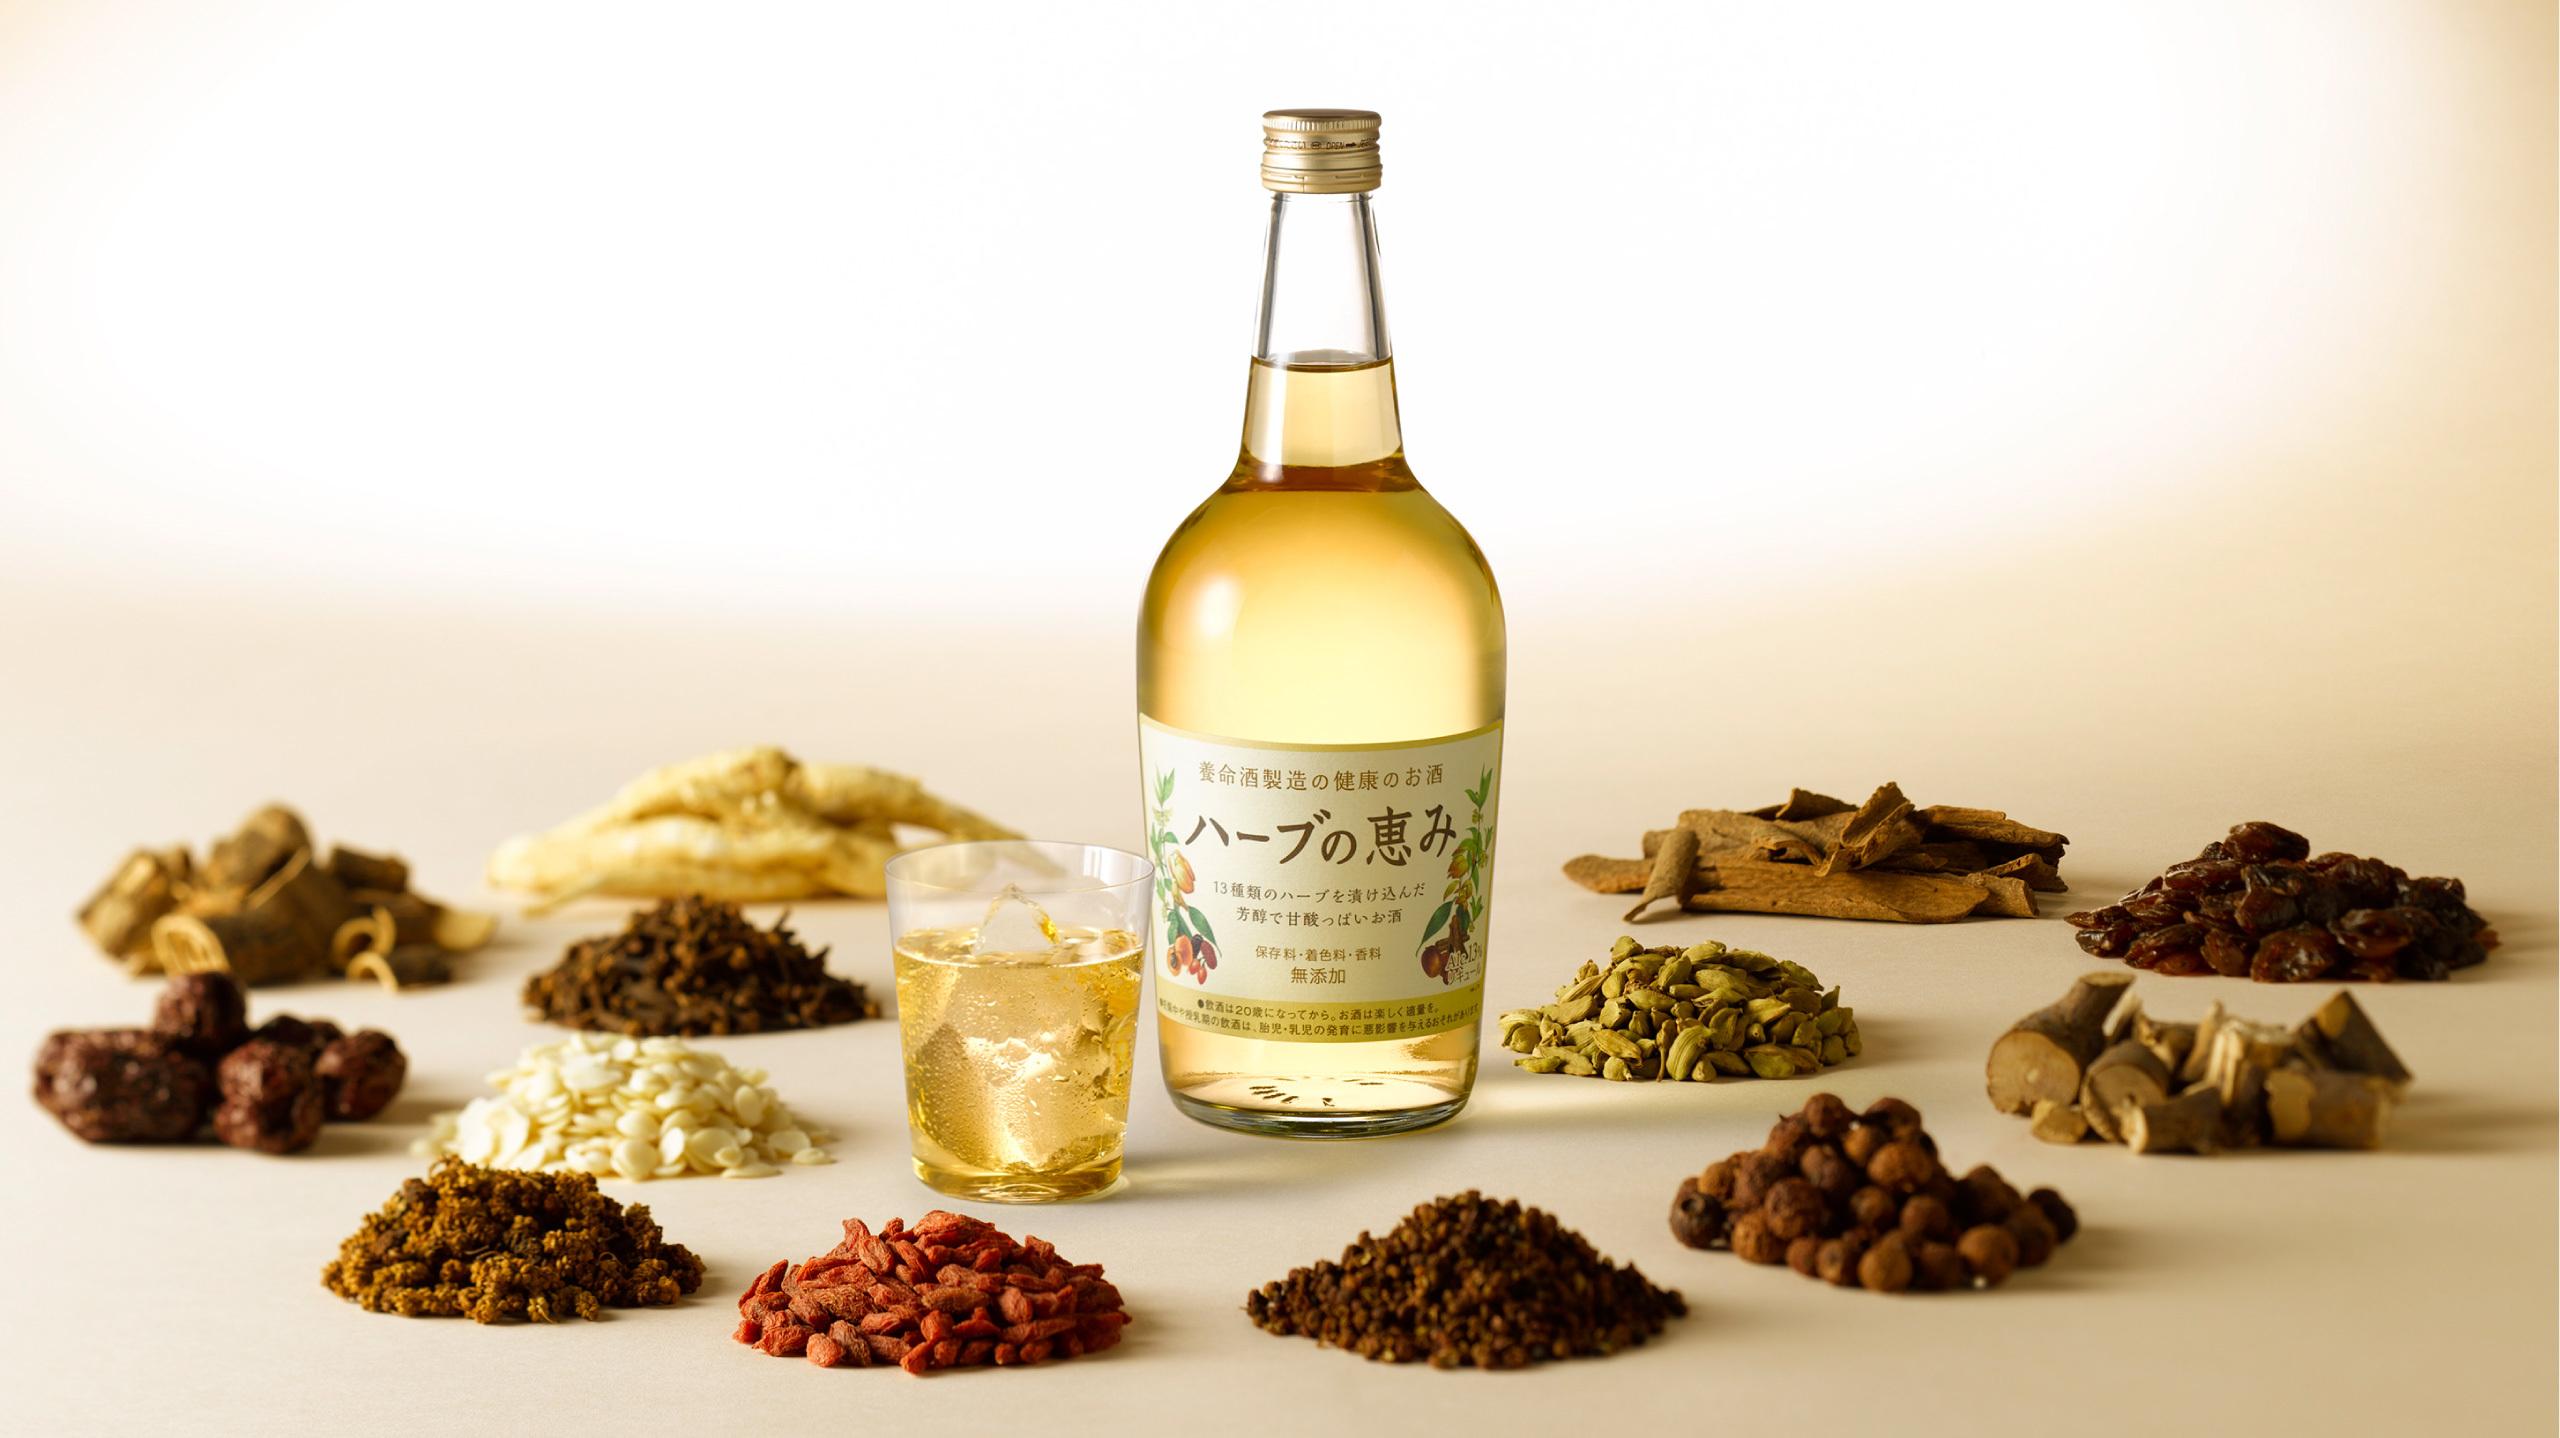 400年の歴史を超えて、魅惑の東洋ハーブ酒の世界